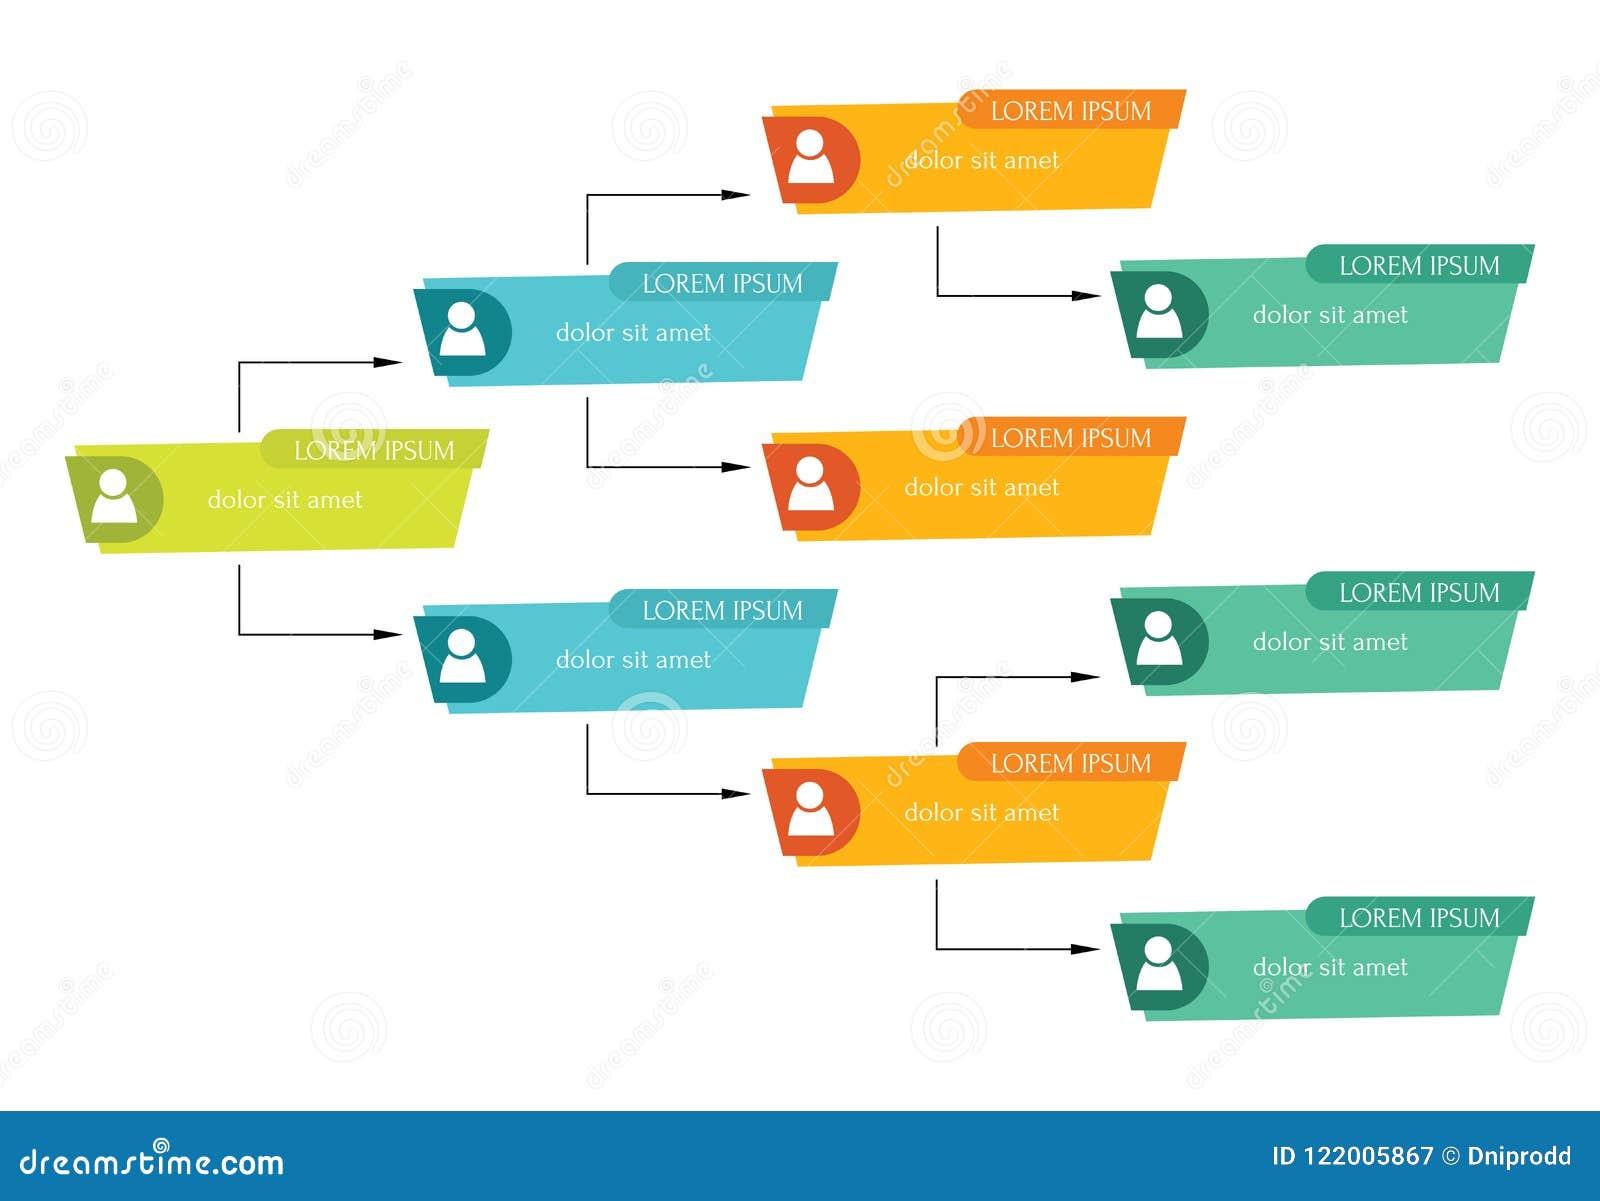 Färgrikt affärsstrukturbegrepp, diagram för företags organisation